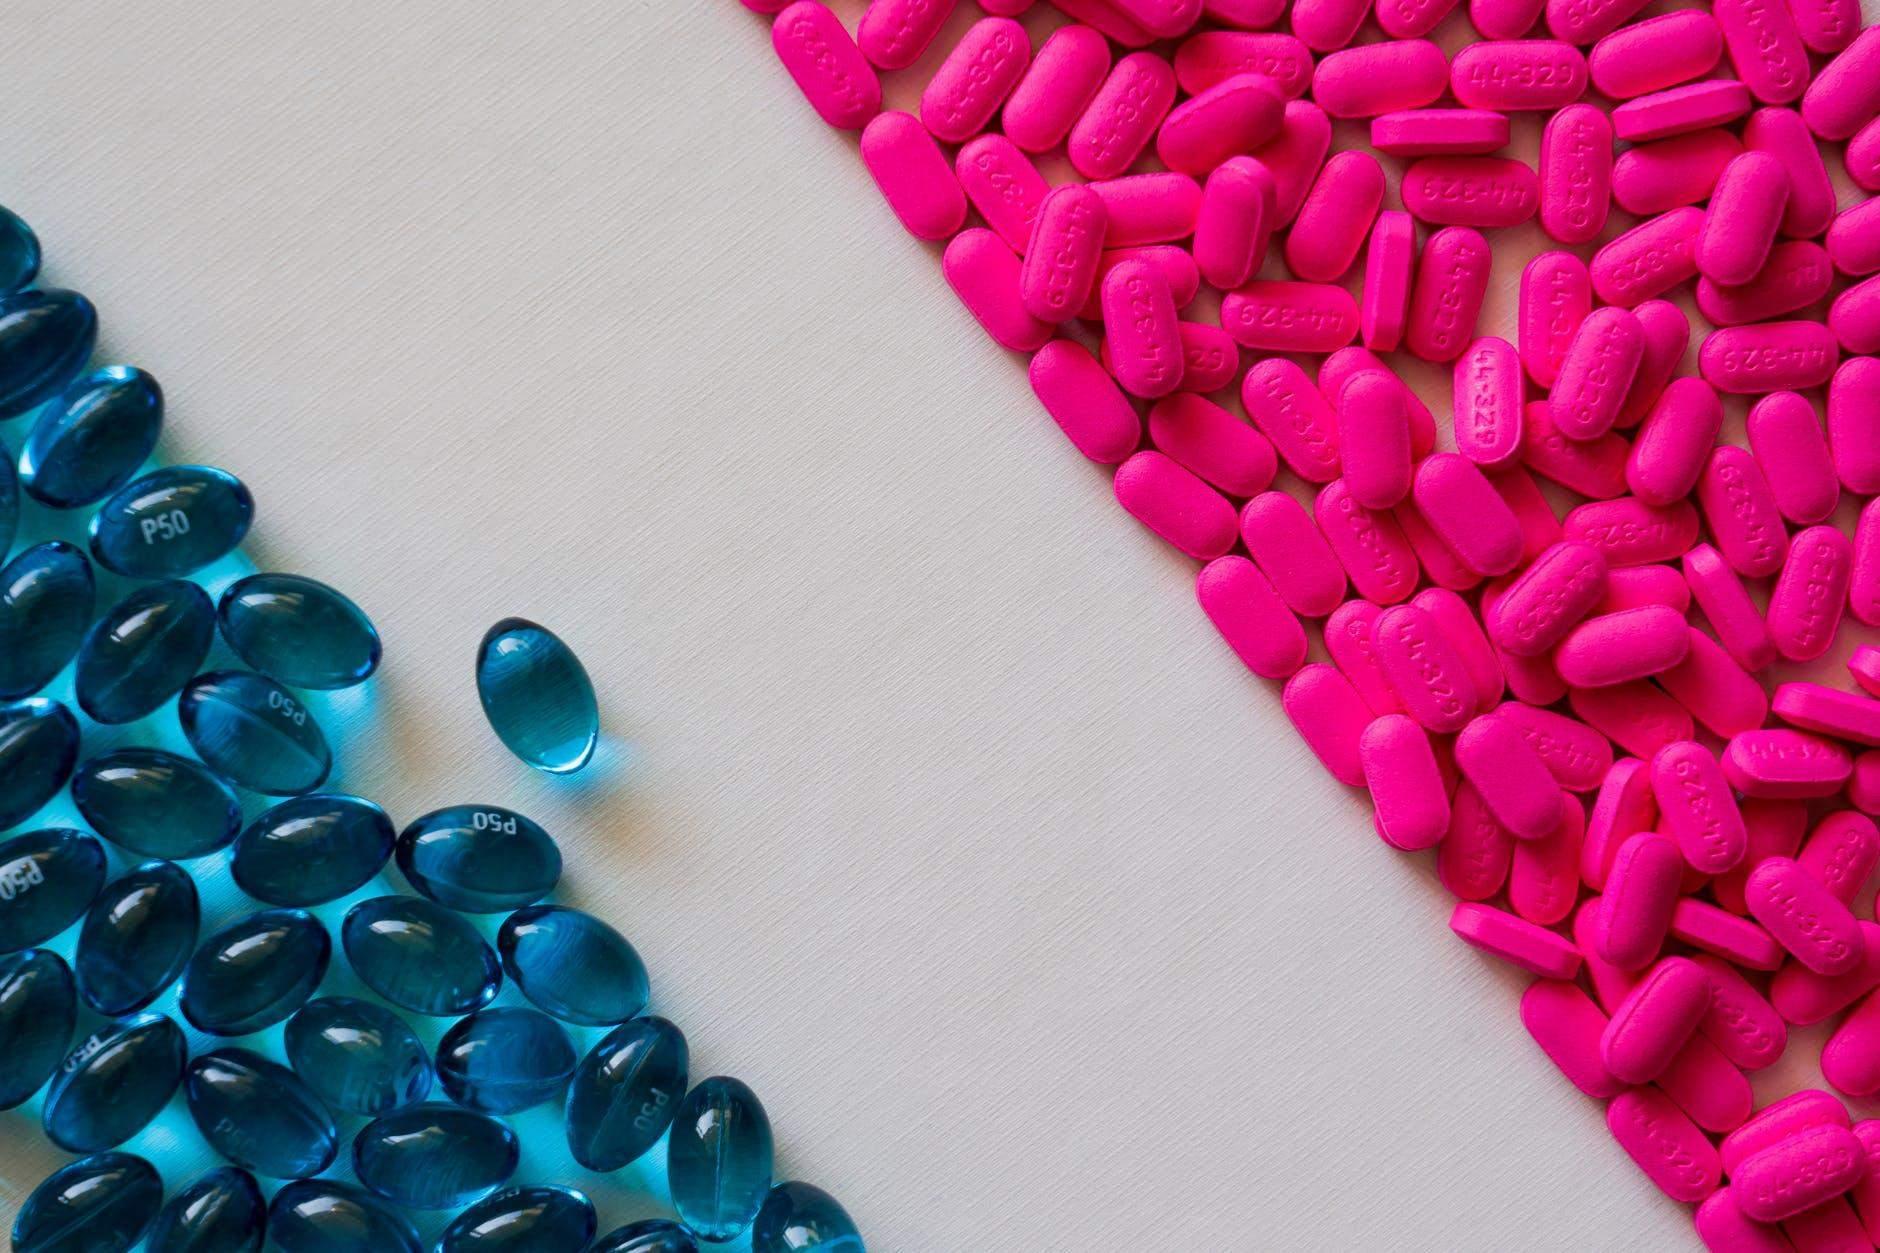 Які вітаміни пропити для зменшення симптомів депресії